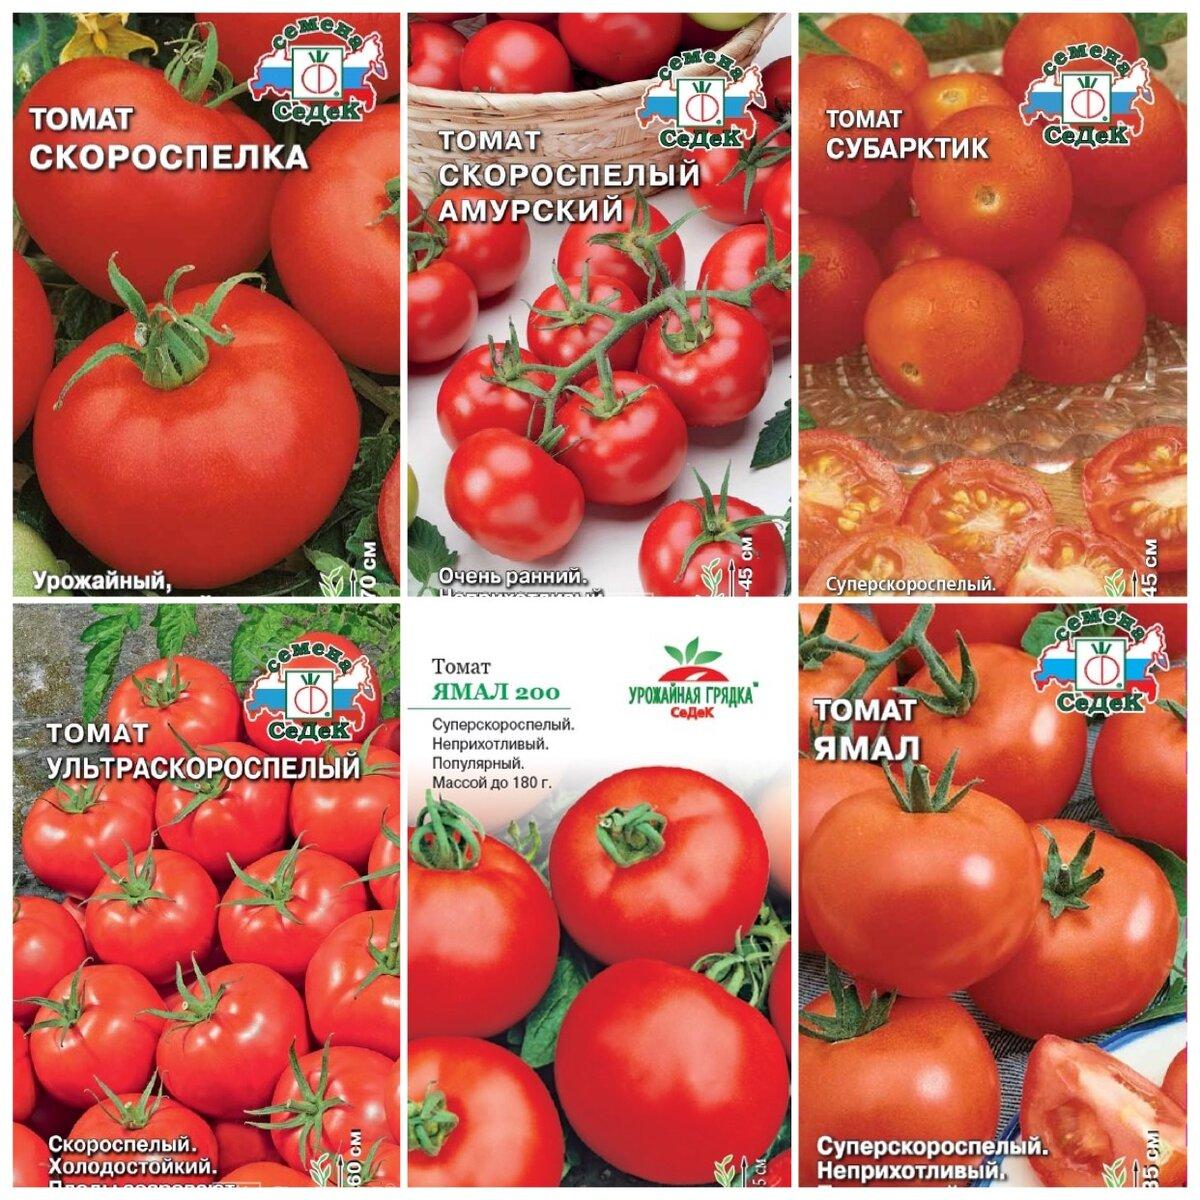 Безрассадный способ выращивания томатов: плюсы и минусы. какие сорта можно сеять сразу в грунт? - дзен дневник